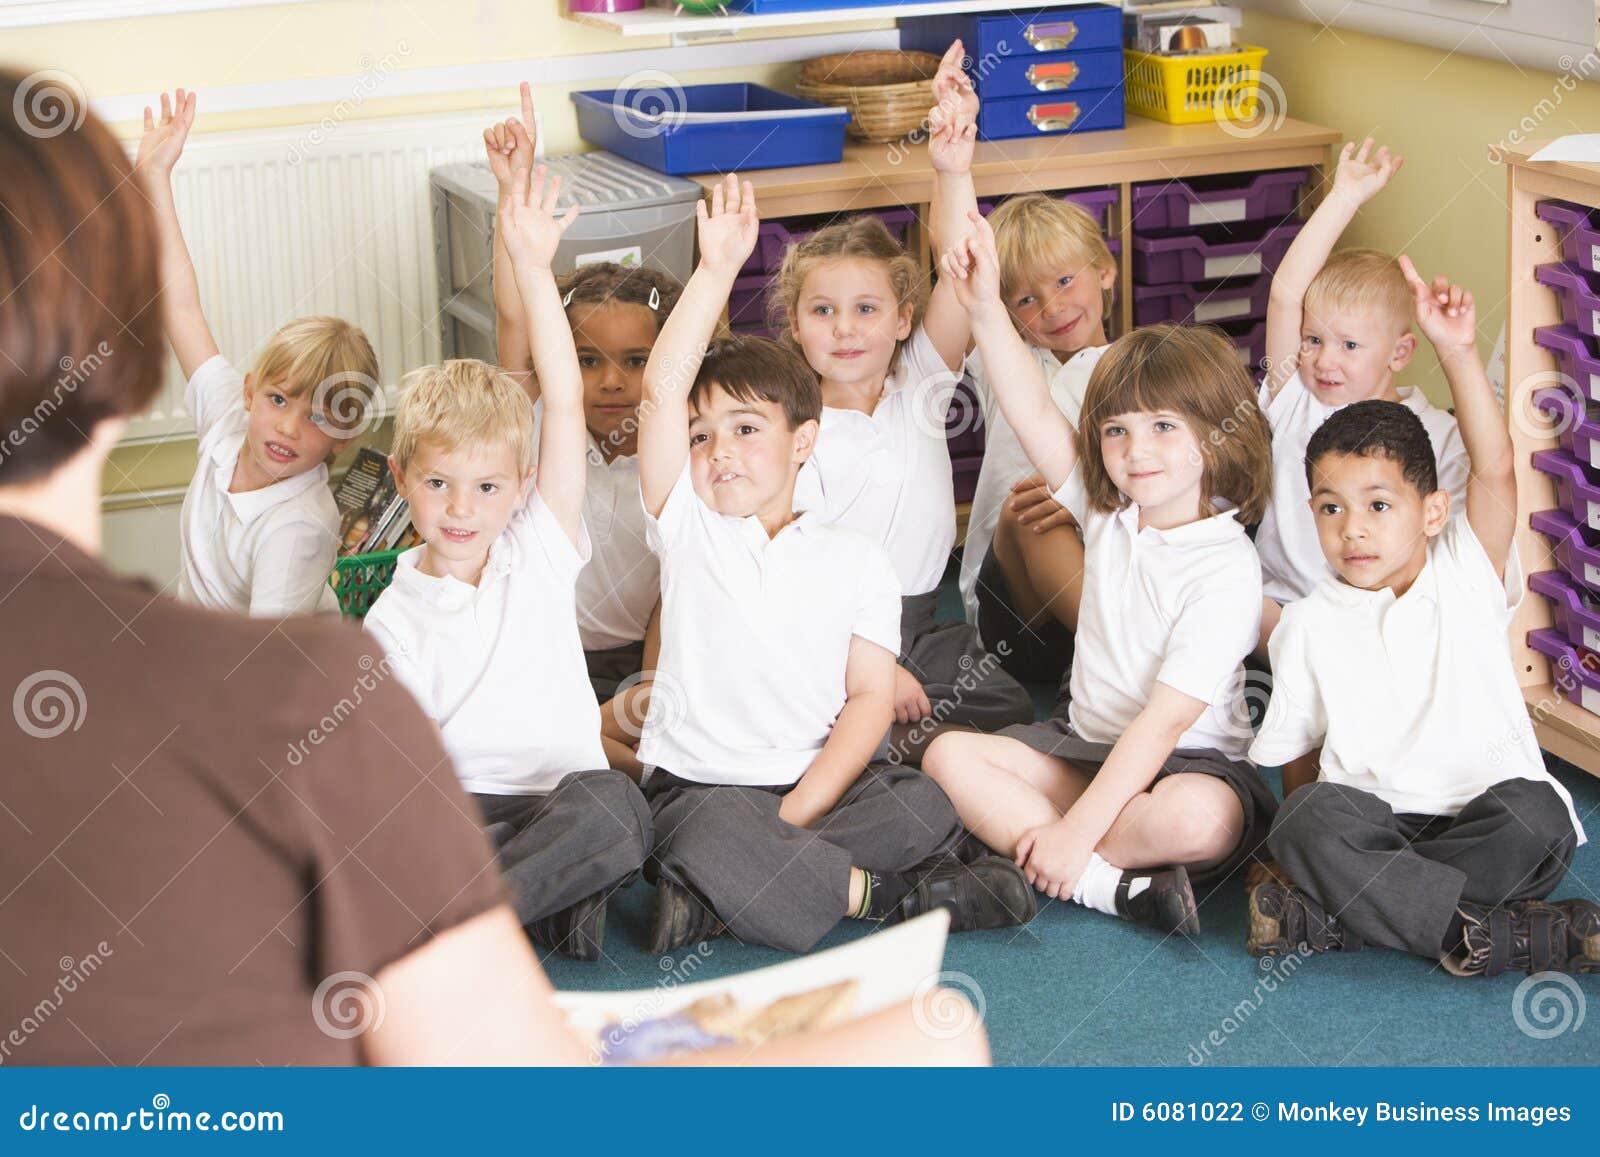 Class hand primary raise schoolchildren their